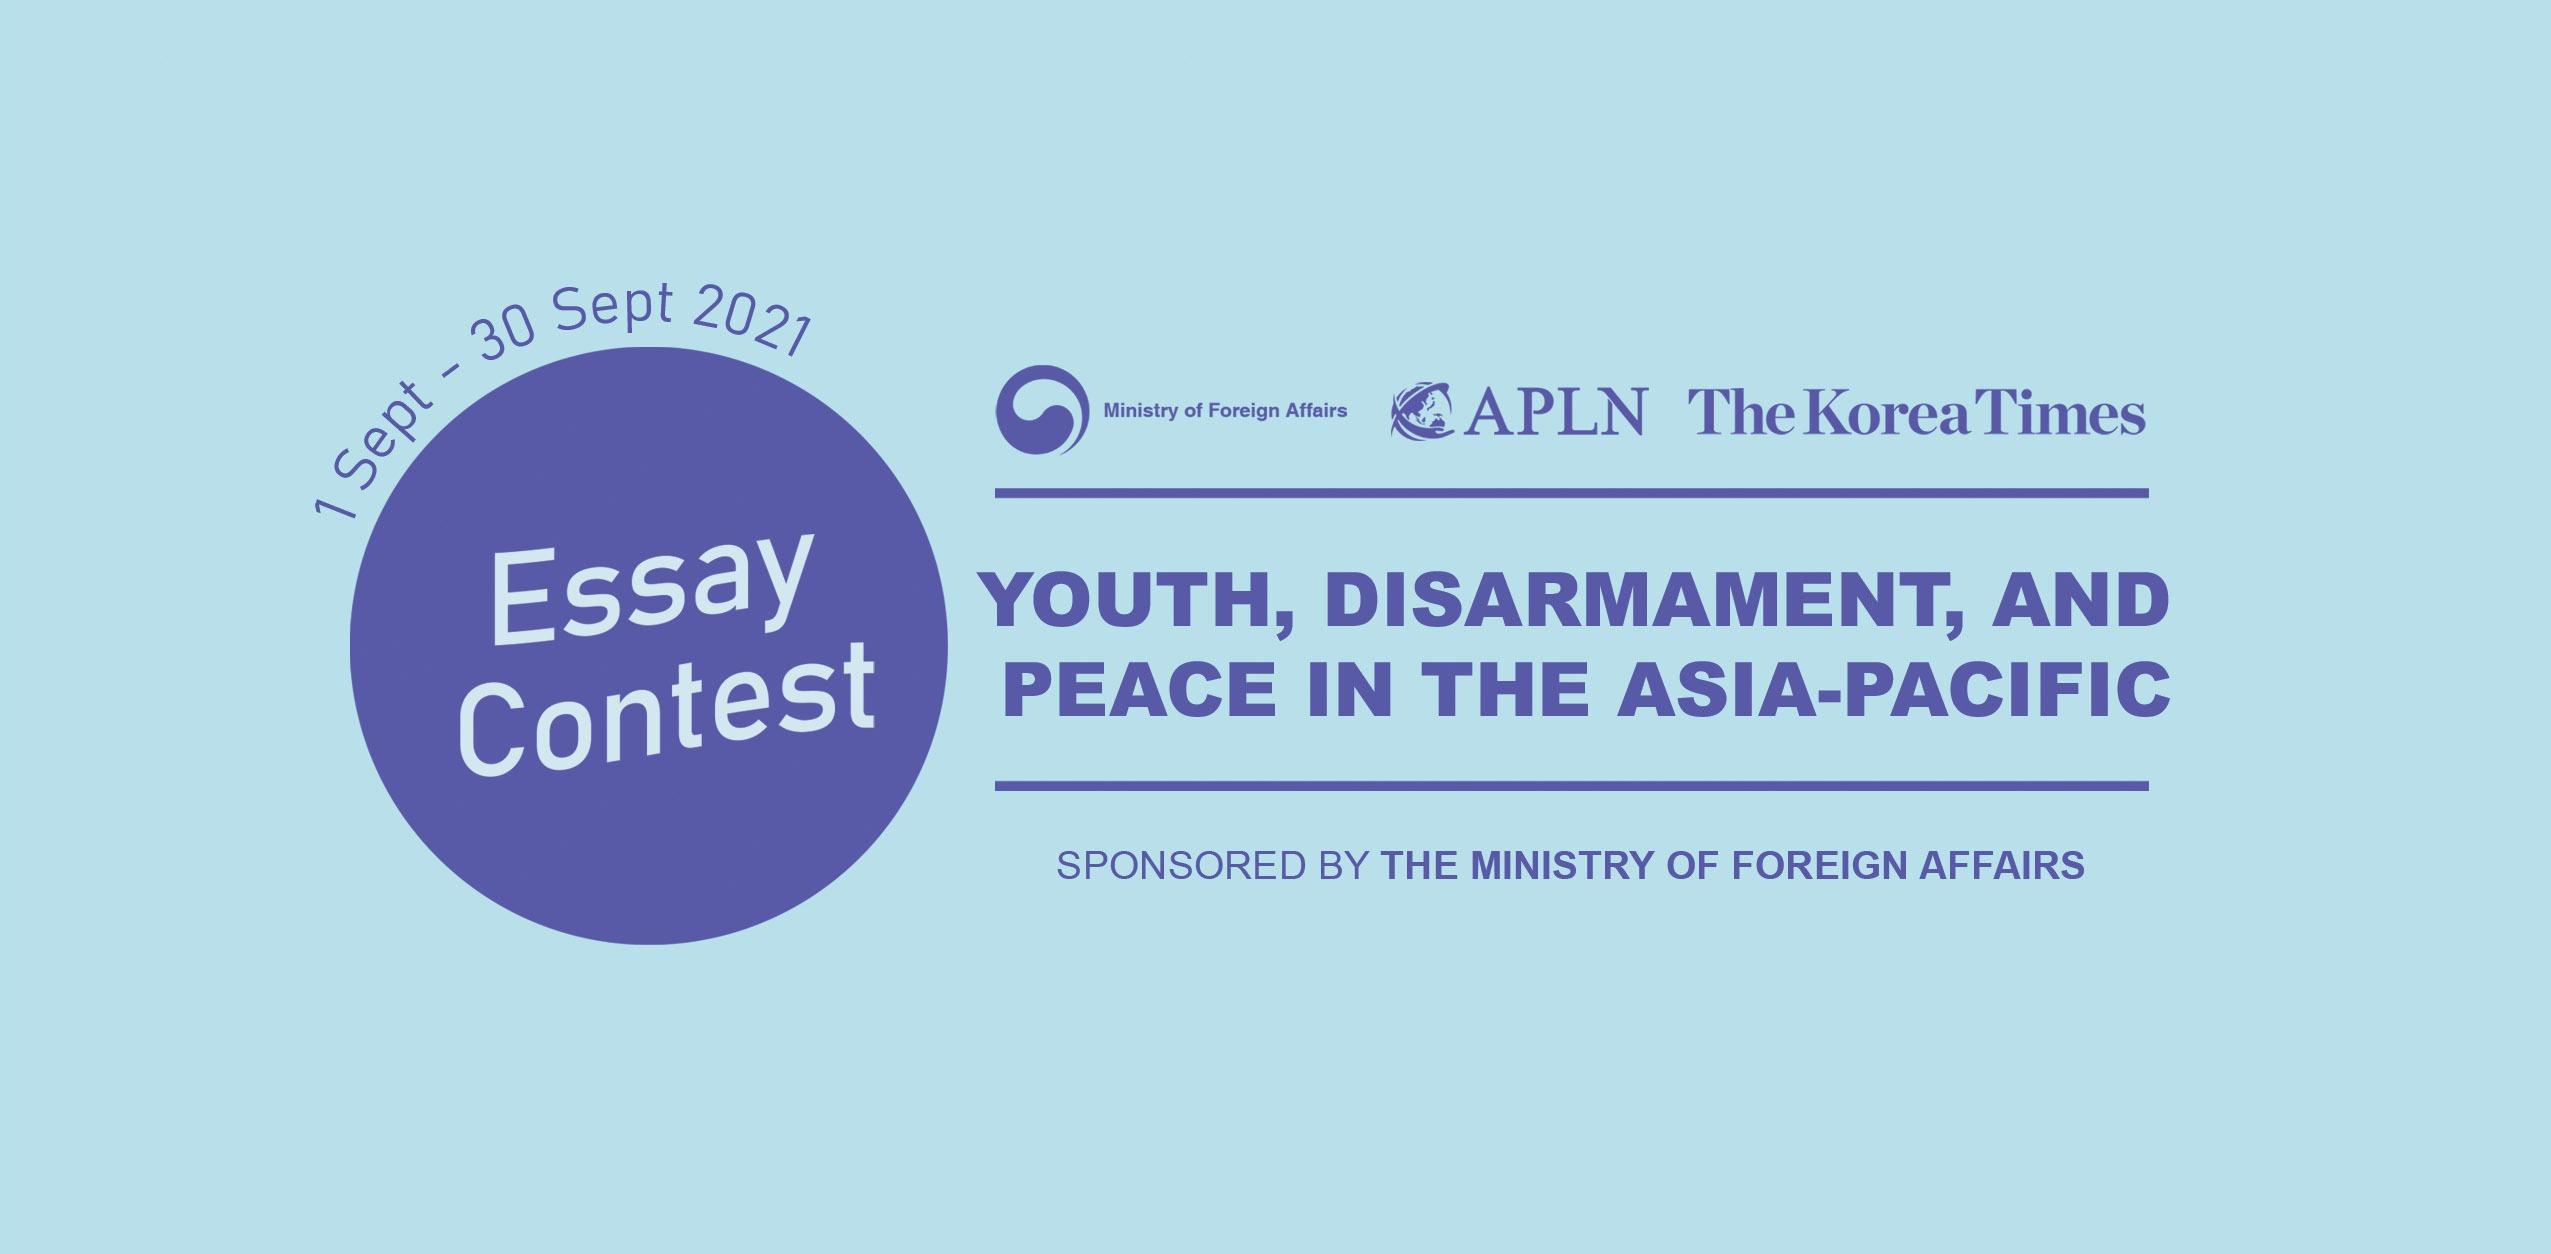 APLN and The Korea Times Essay Contest 2021